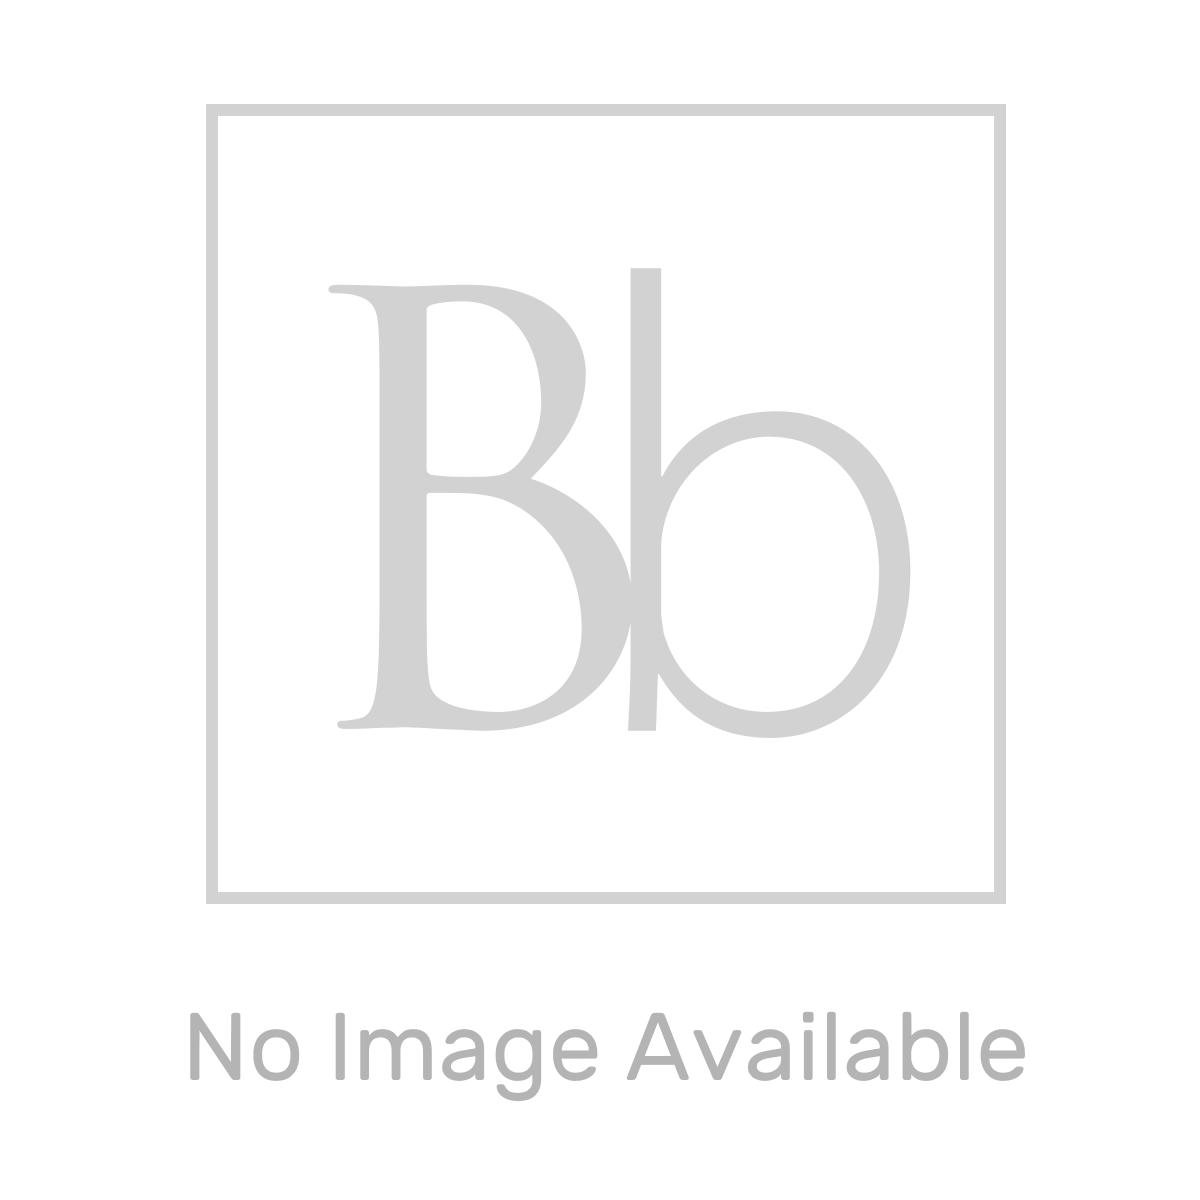 Kartell K-vit Chrome Astley Soap Dispenser And Holder